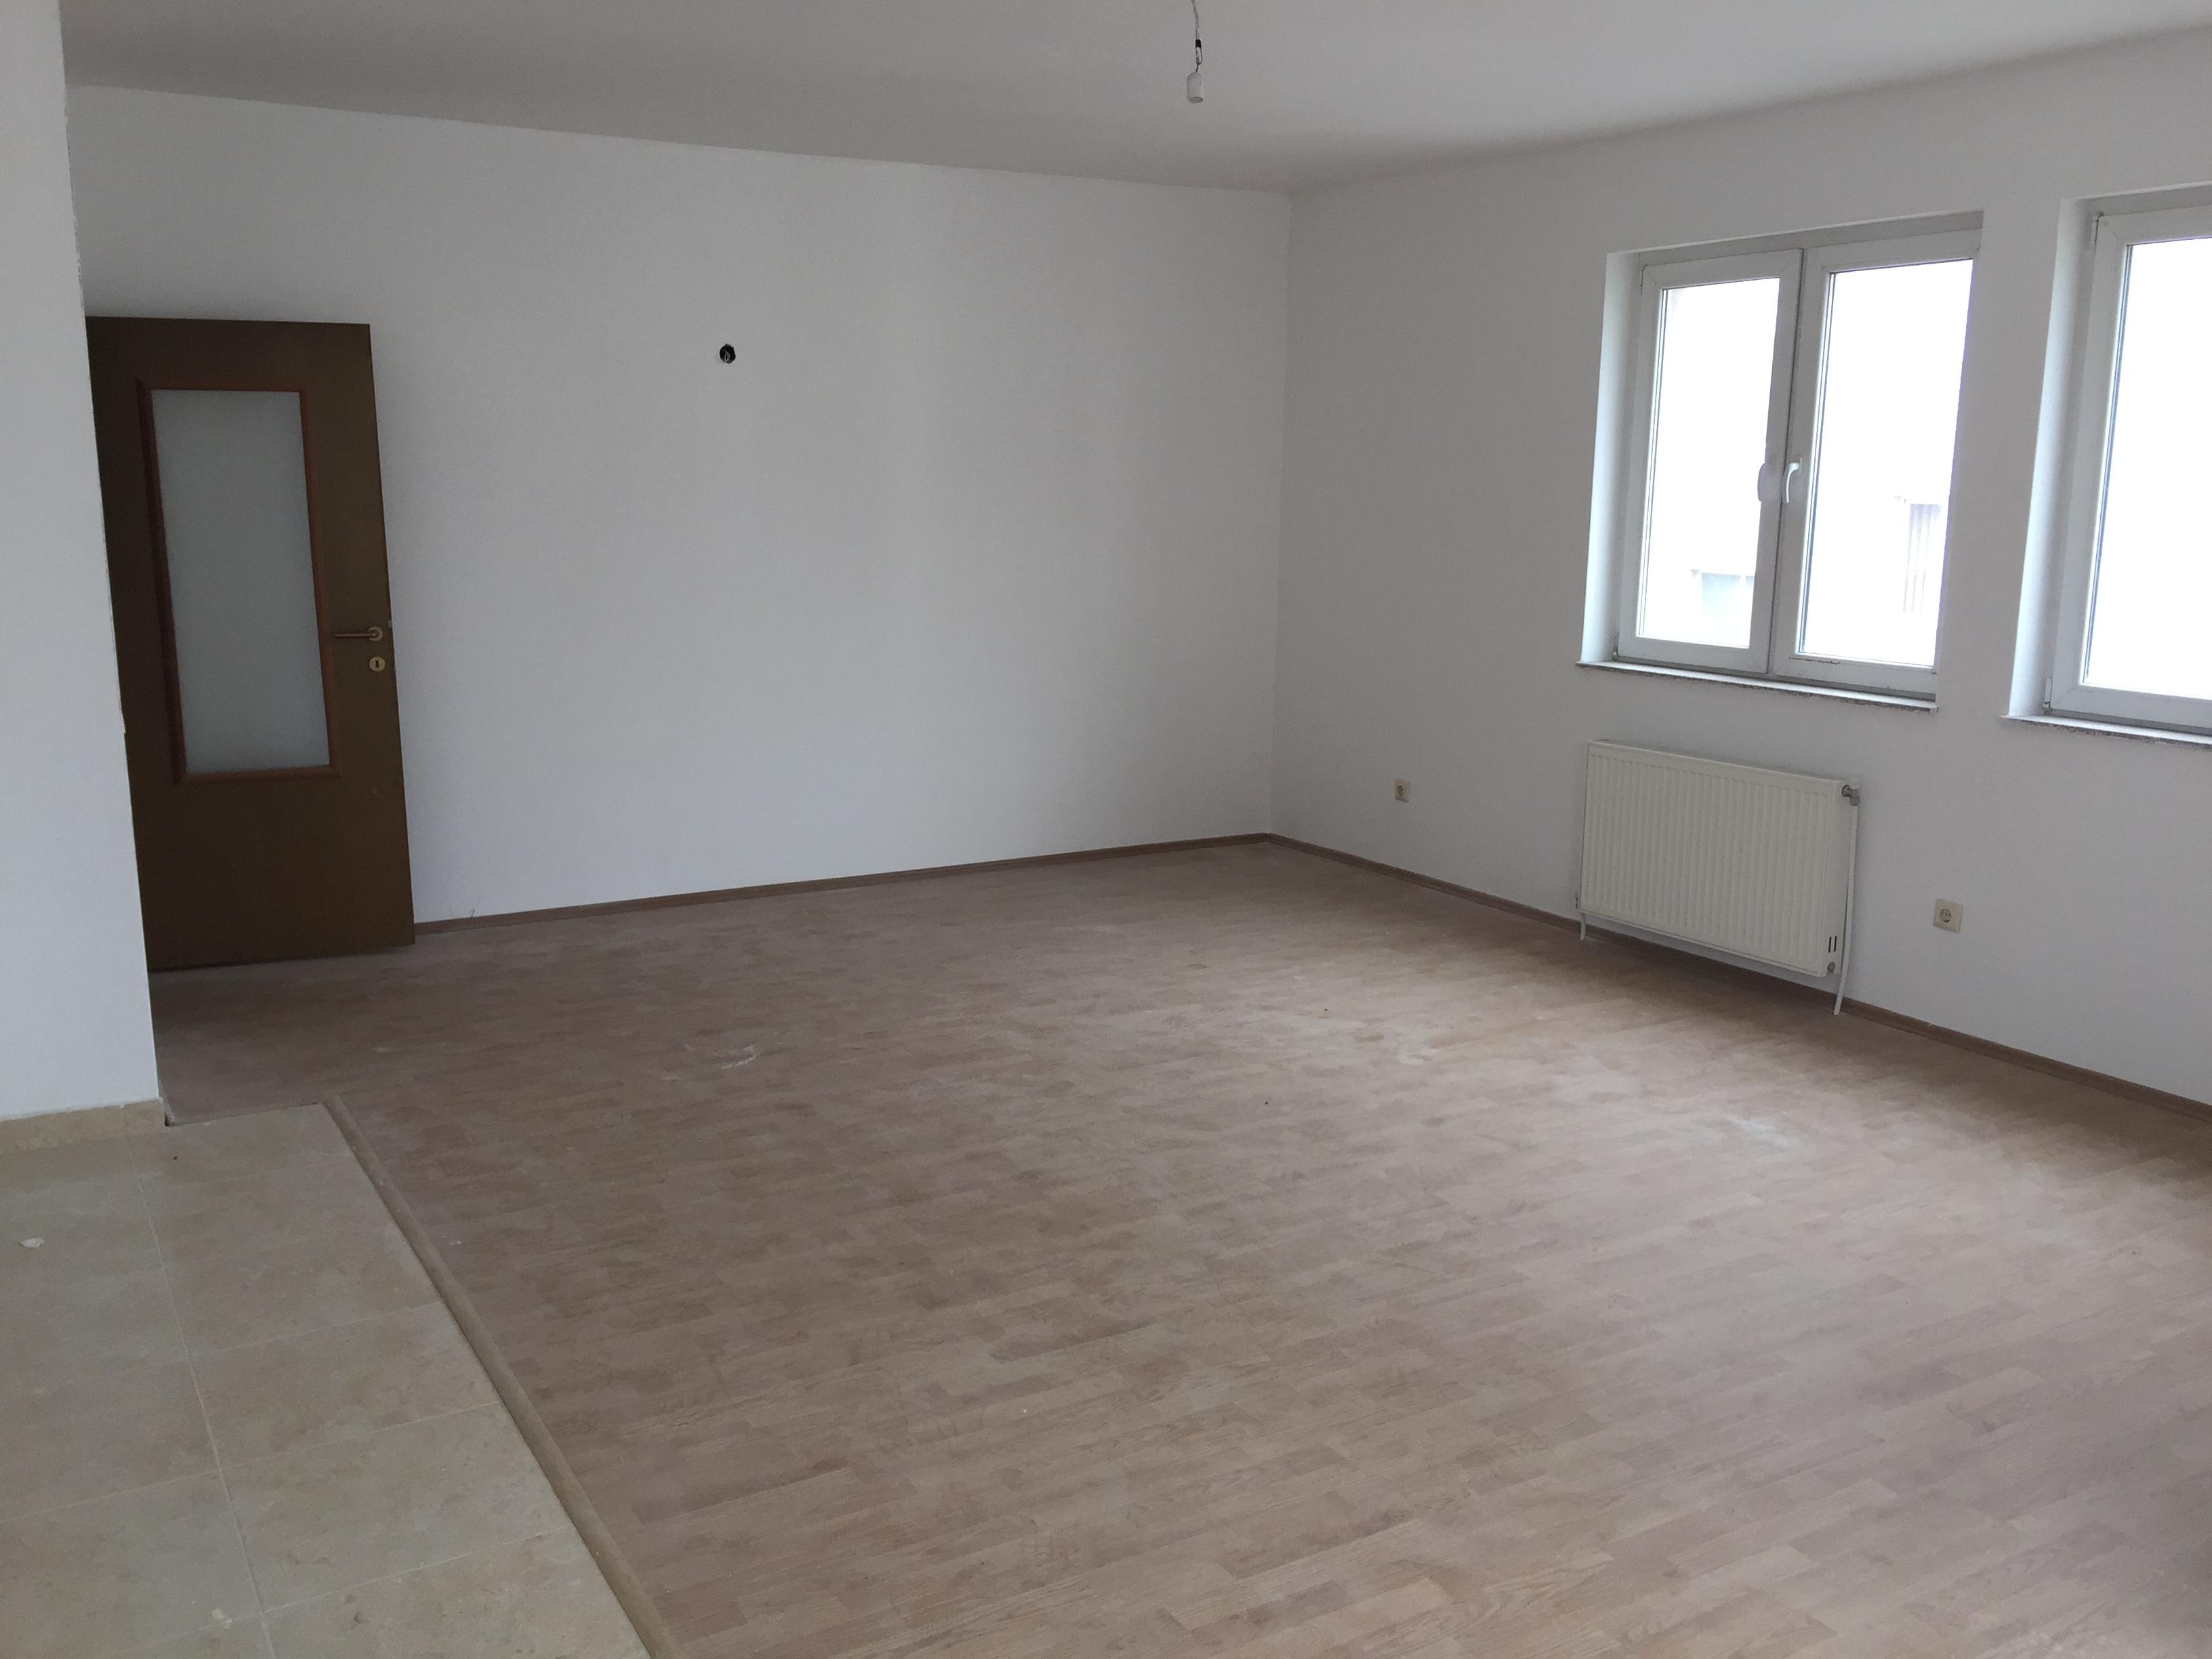 Jepet me qira banesa 3 dhomëshe në Fushë Kosovë, afër shkollës Mihail Grameno, me sipërfaqe 105m2 kati 6-të (ka ashensor)